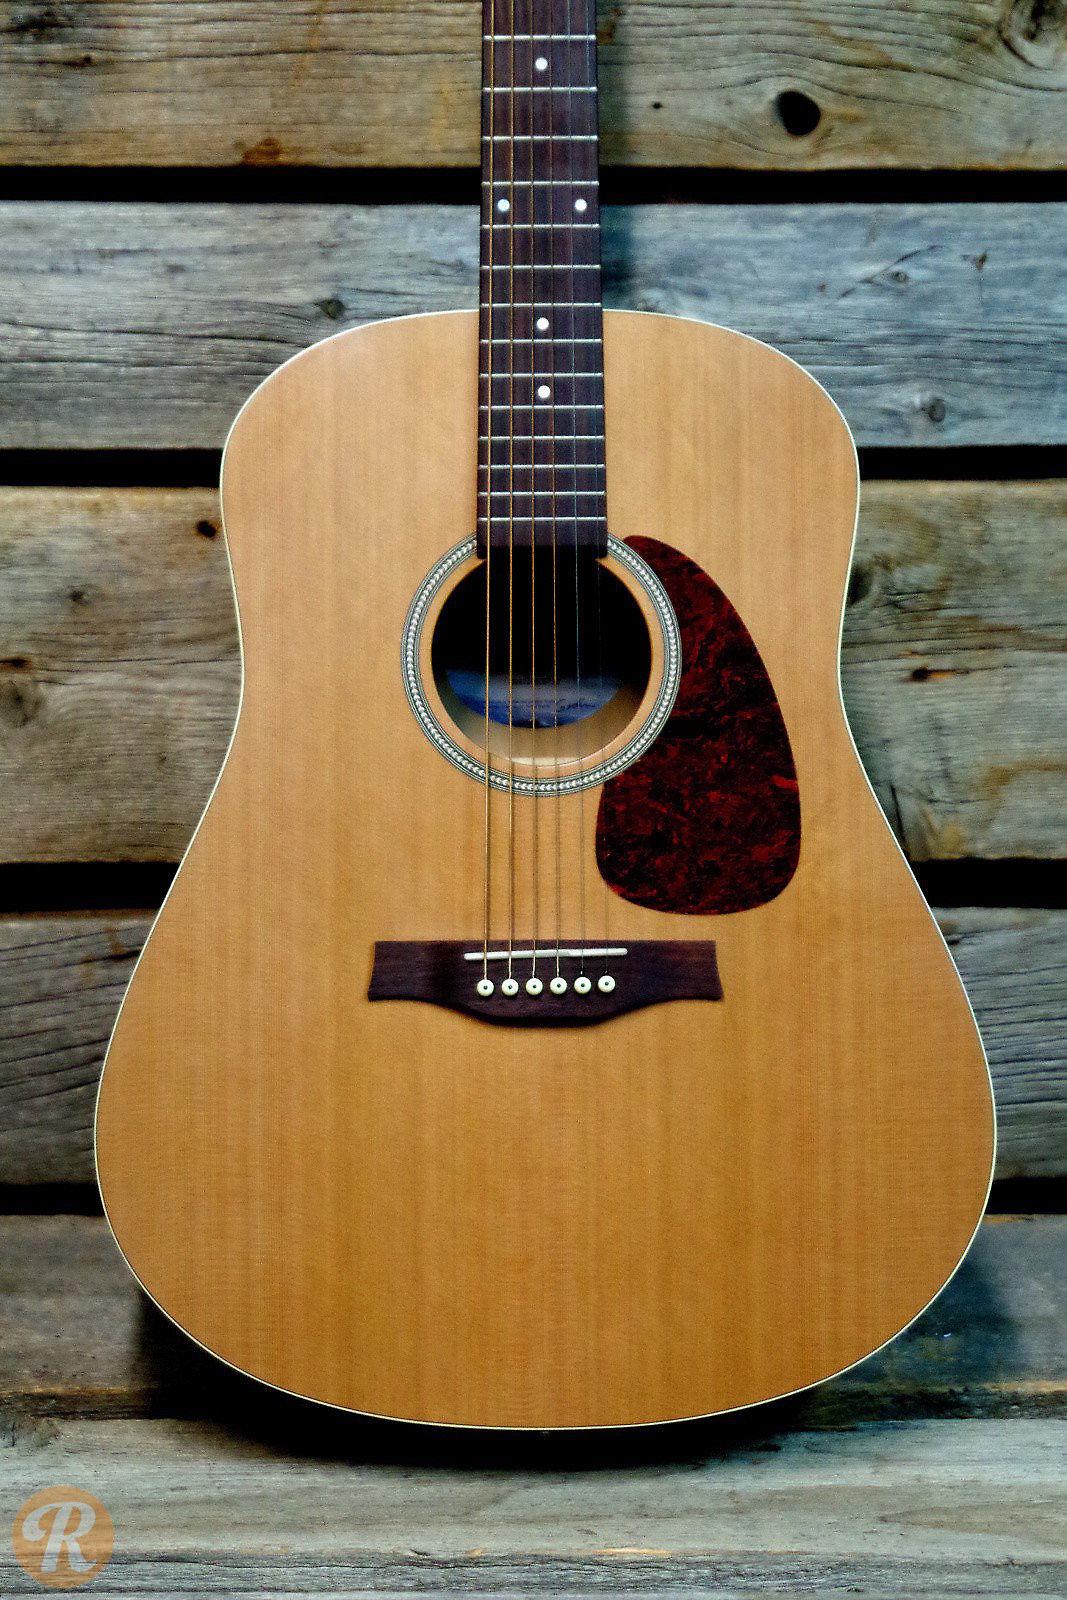 Seagull s6 original slim natural reverb for Motor city guitar waterford